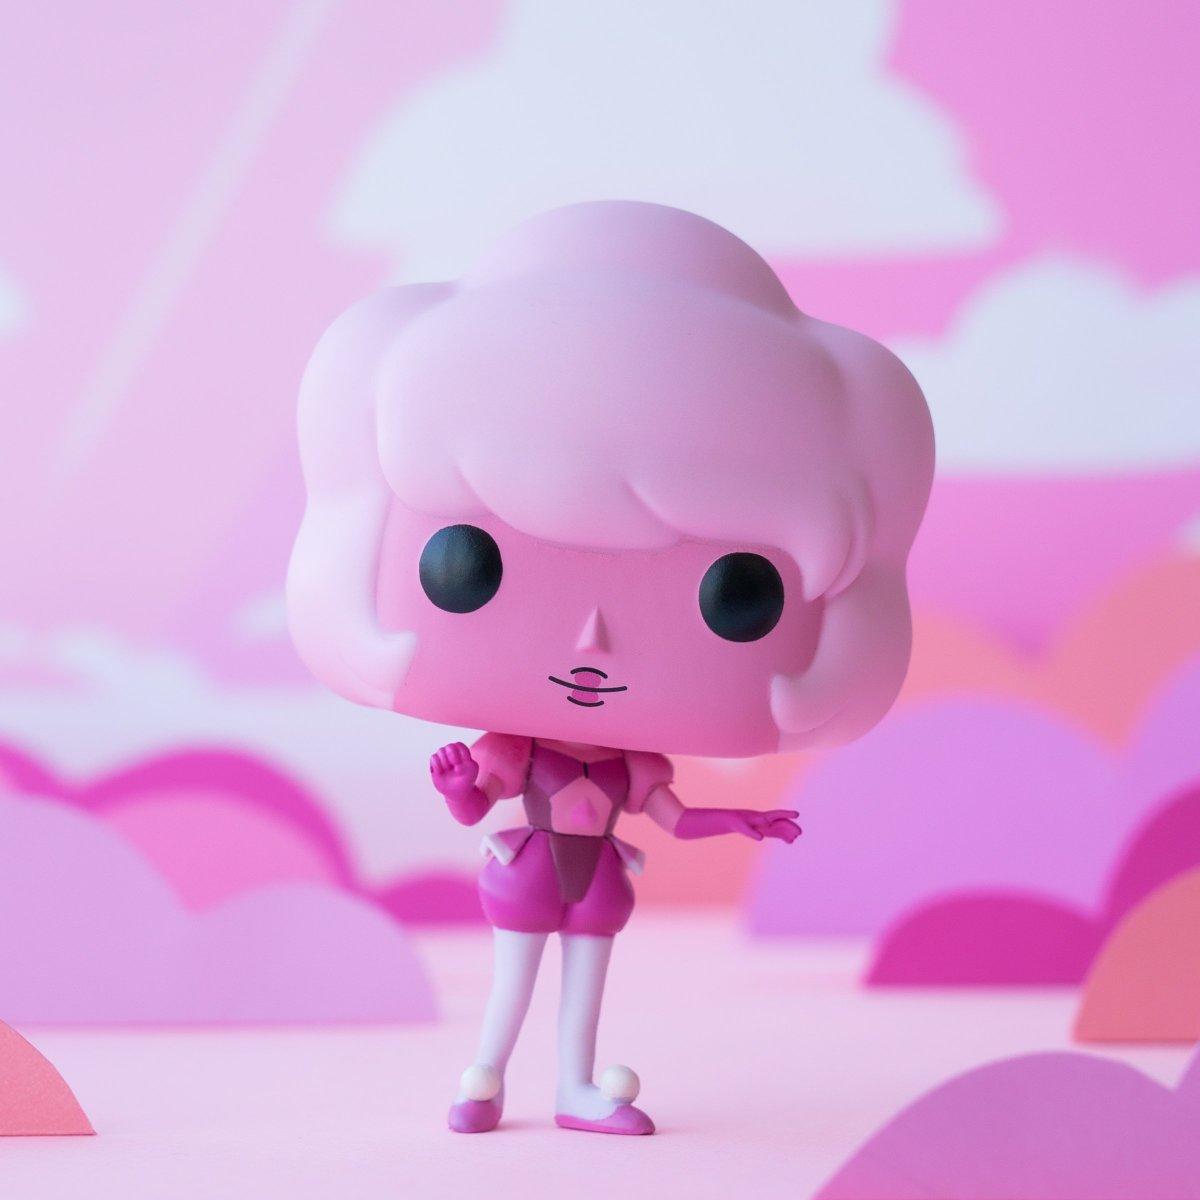 cartoon network on twitter confirmed pink diamond is a funko pop